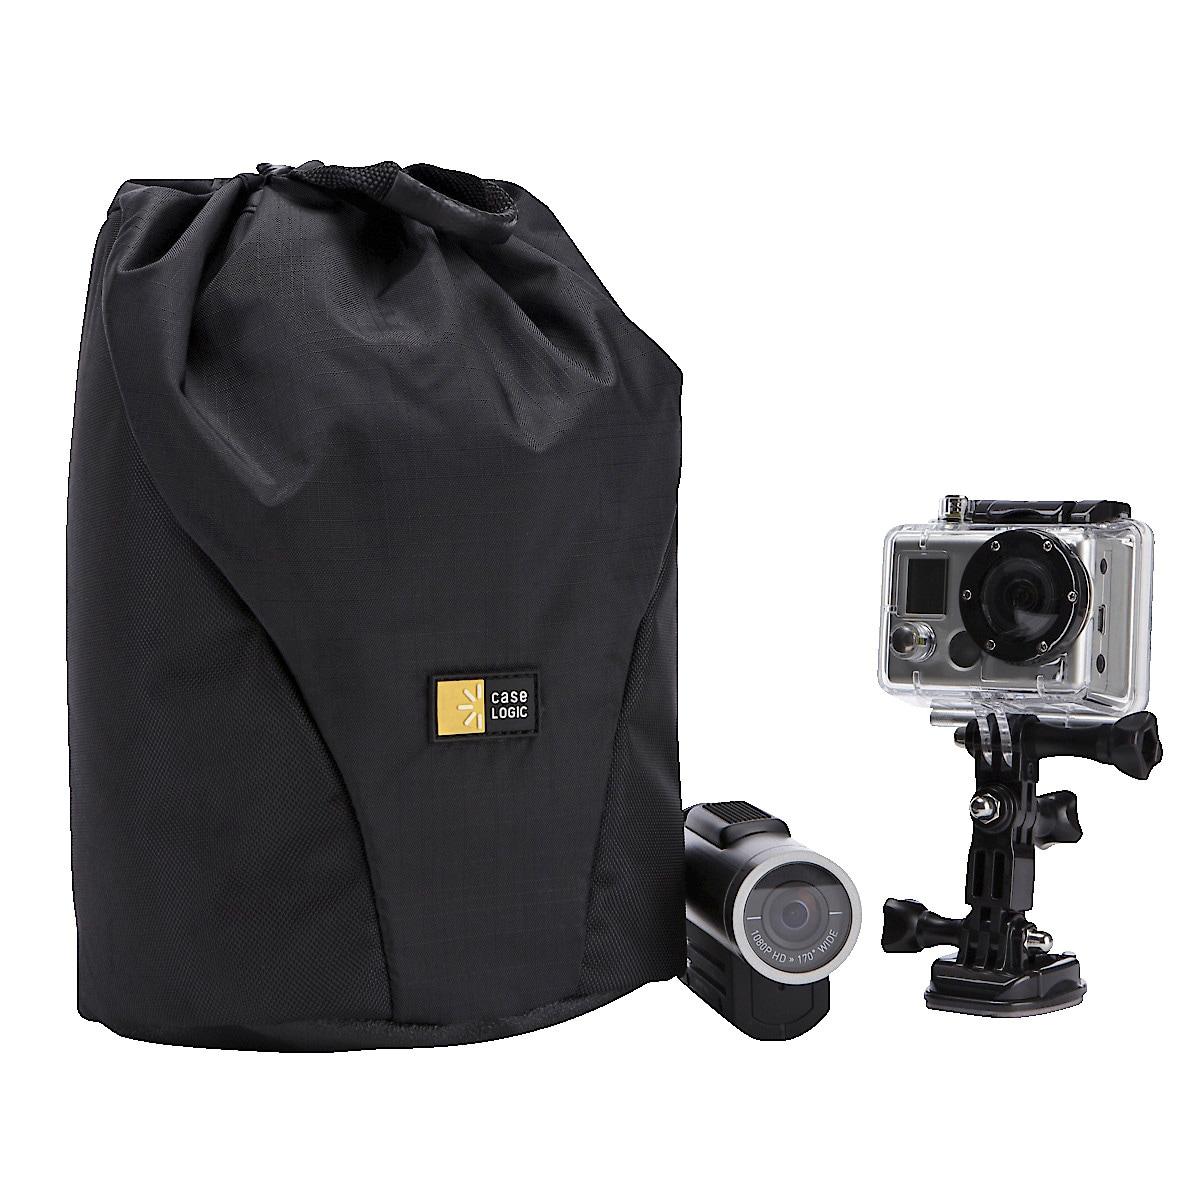 Case Logic DSA-101 Action Camera Bag